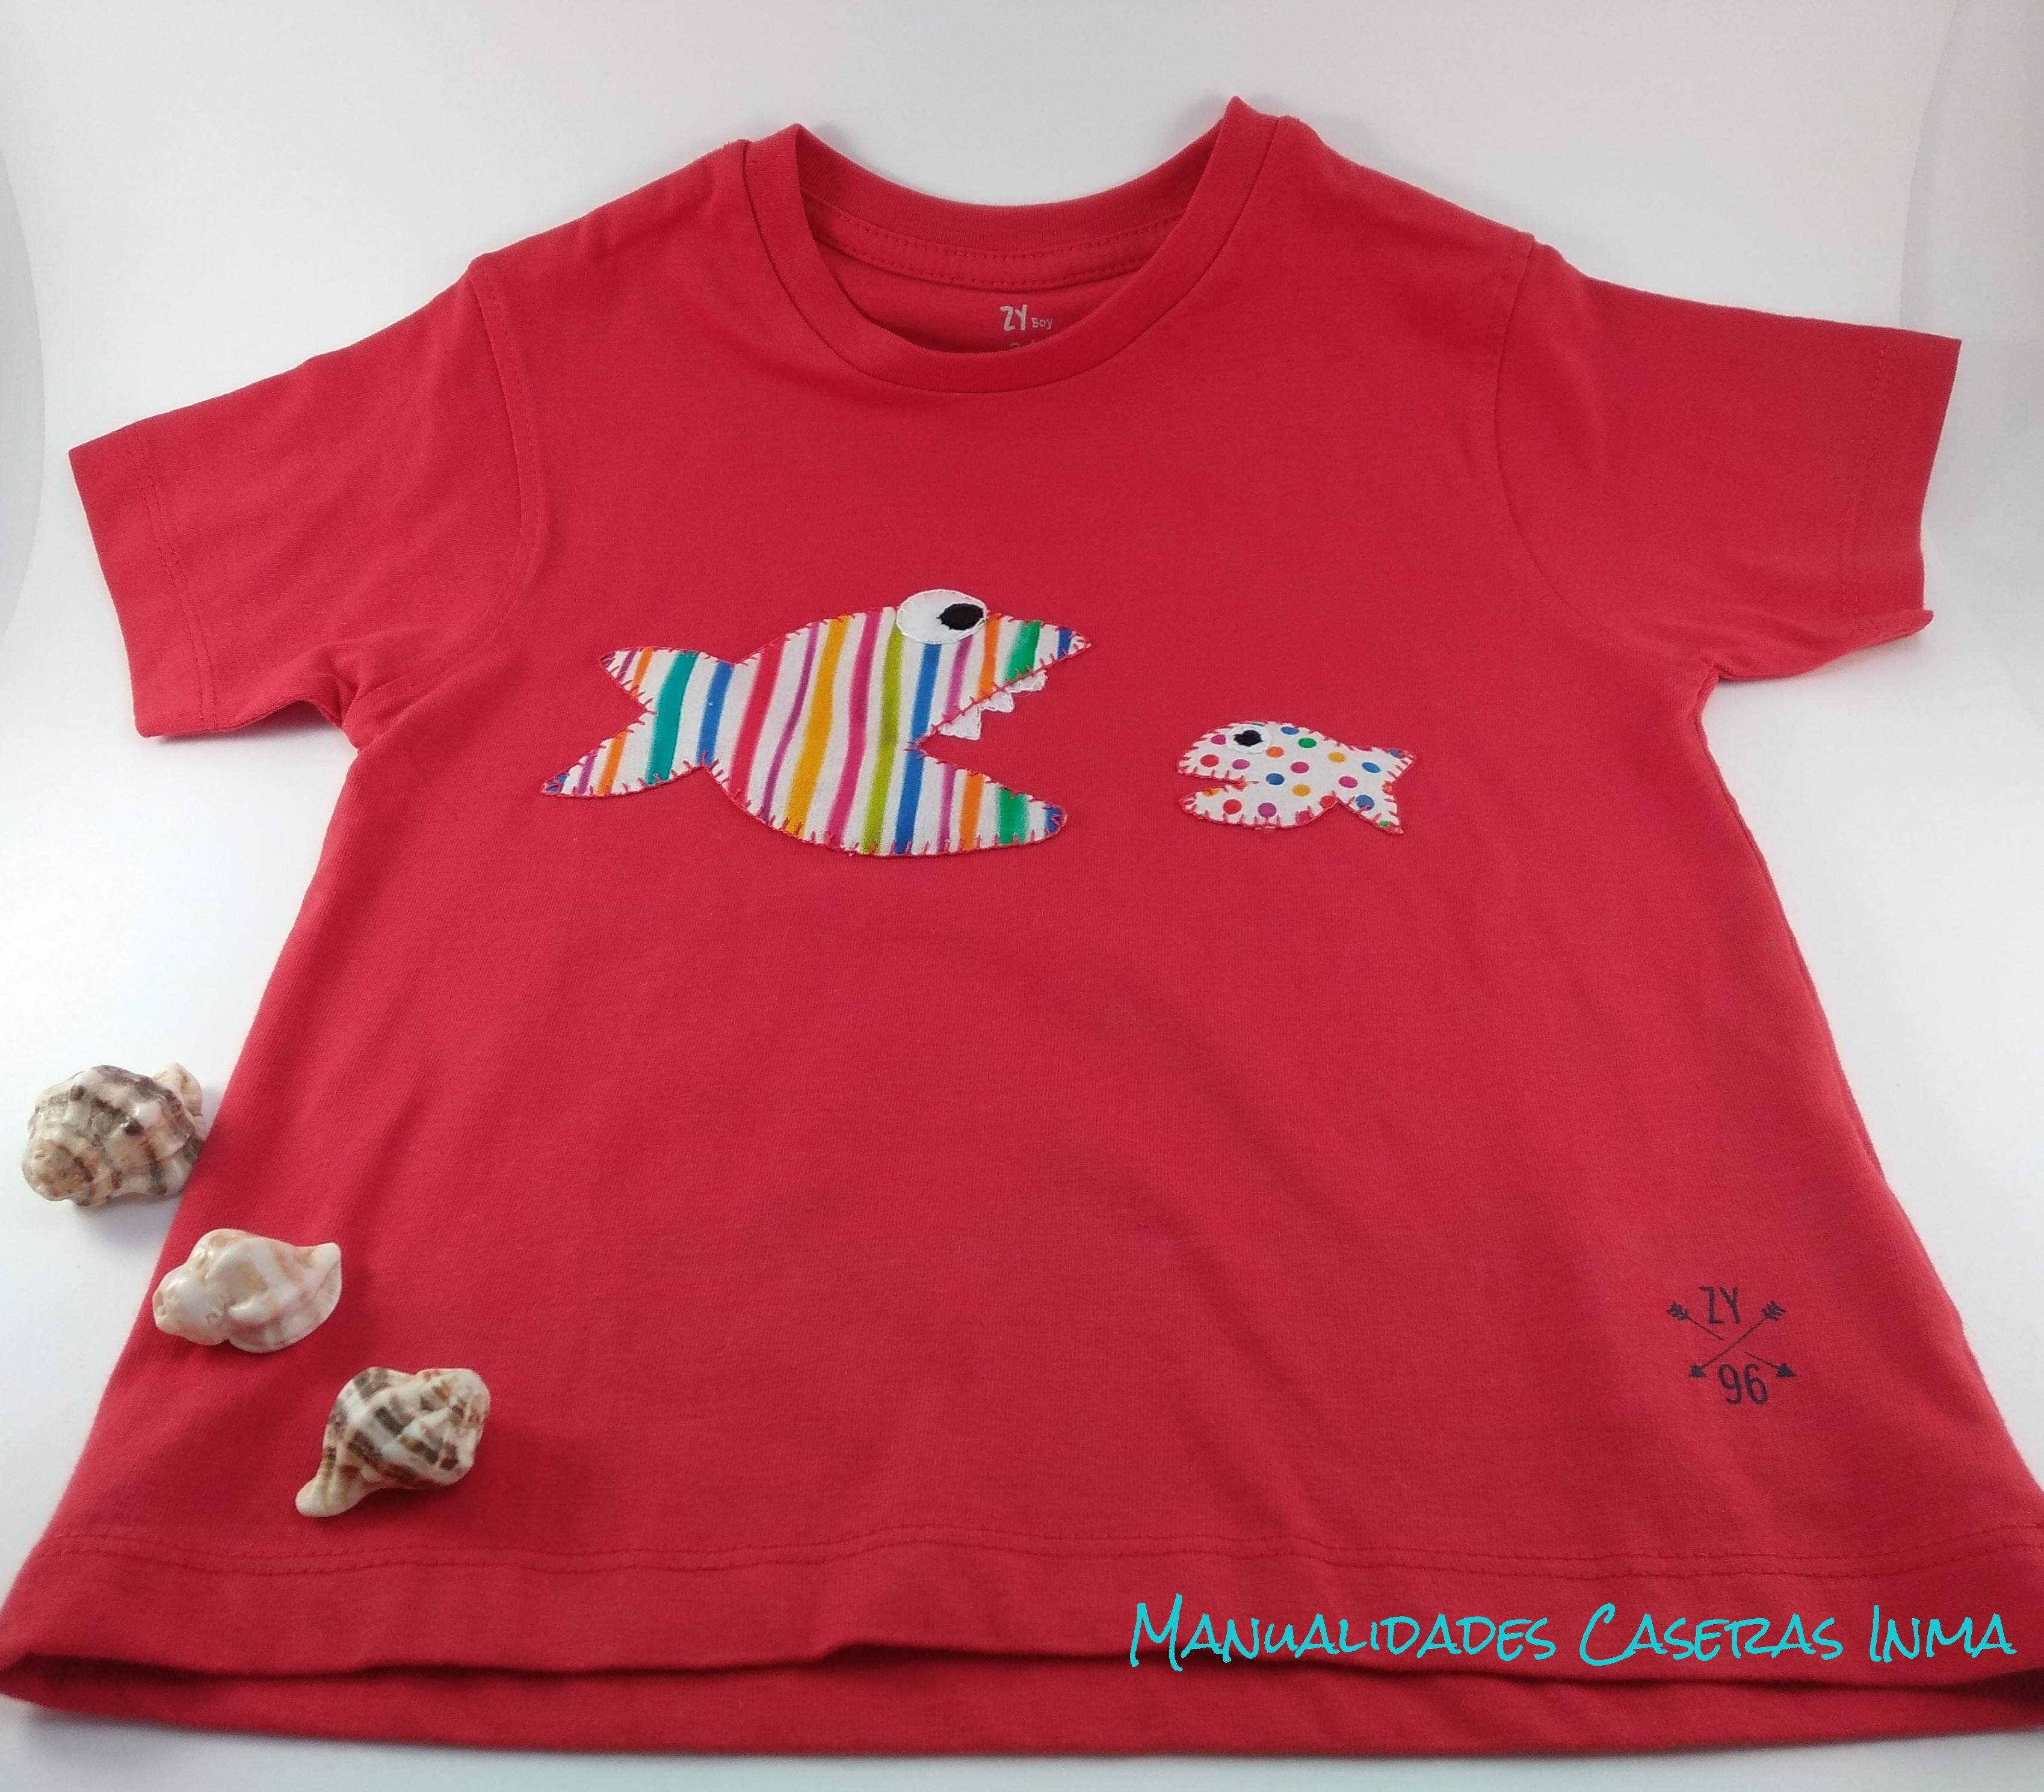 Manualidades Caseras Inma_ Camiseta de peces a rayas y puntos 2